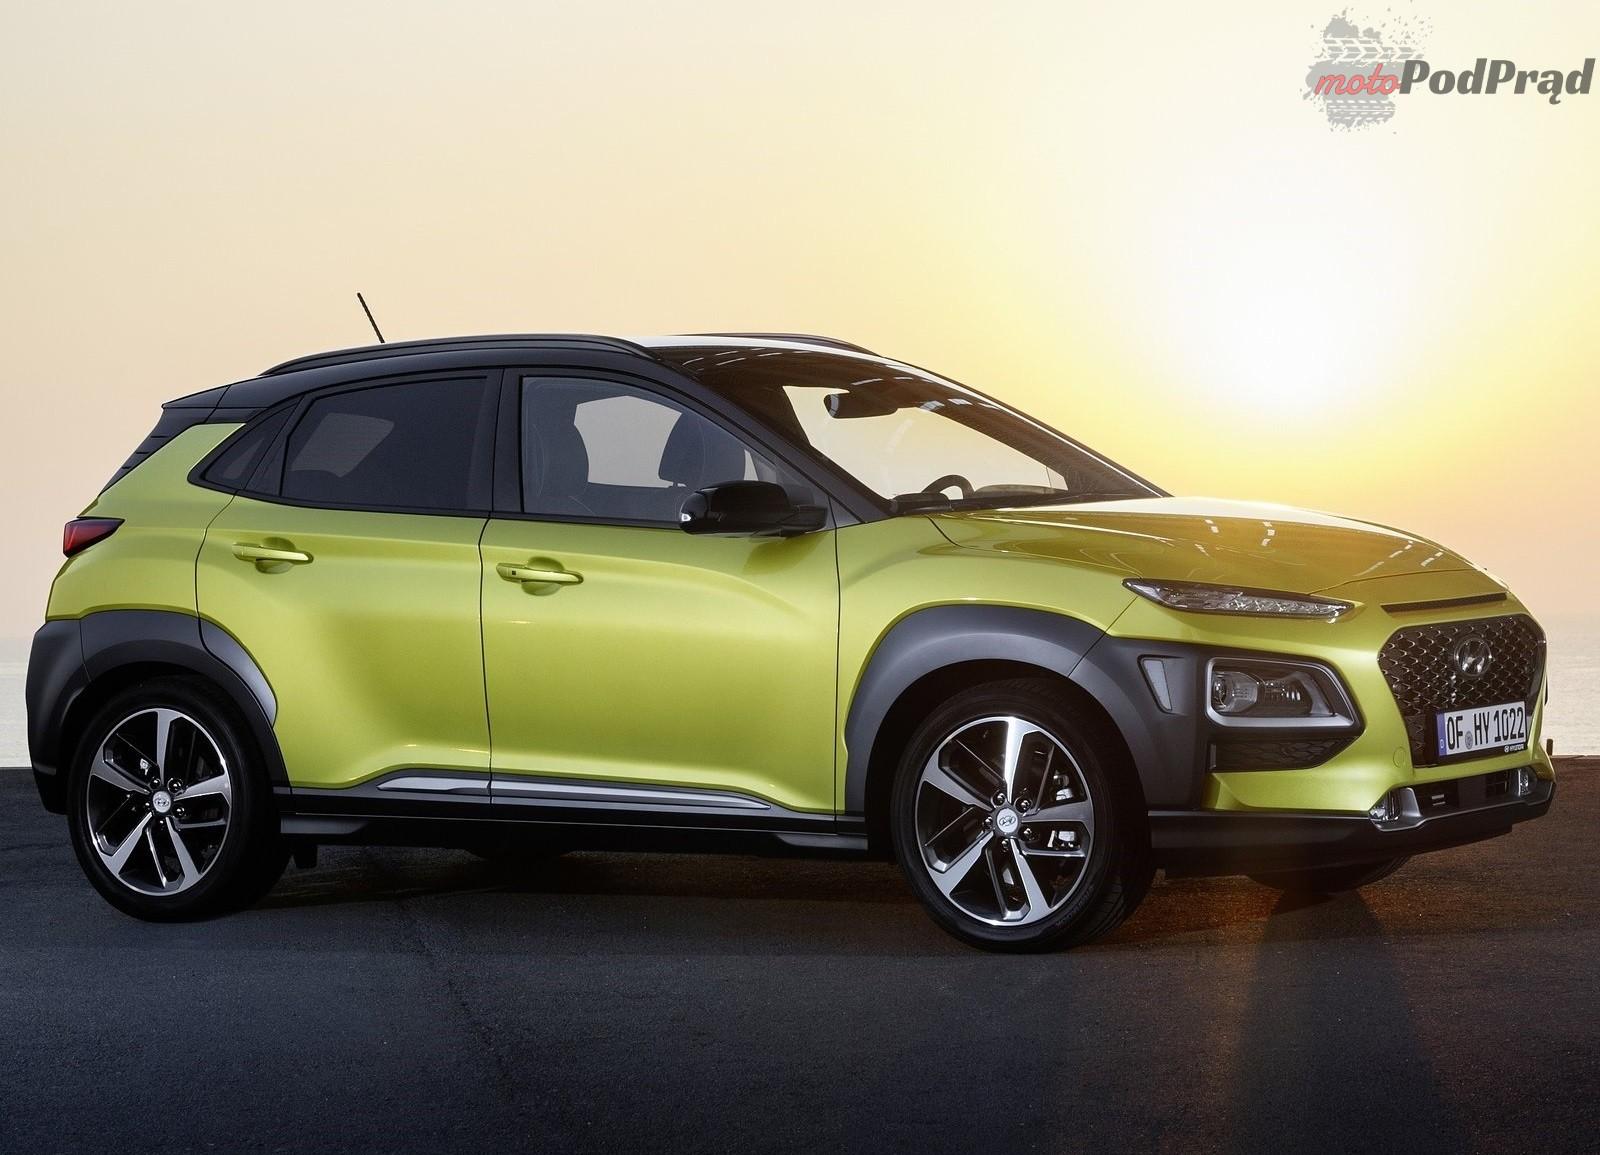 Hyundai Kona 2018 1600 07 Hity pierwszego kwartału 2018 w Polsce